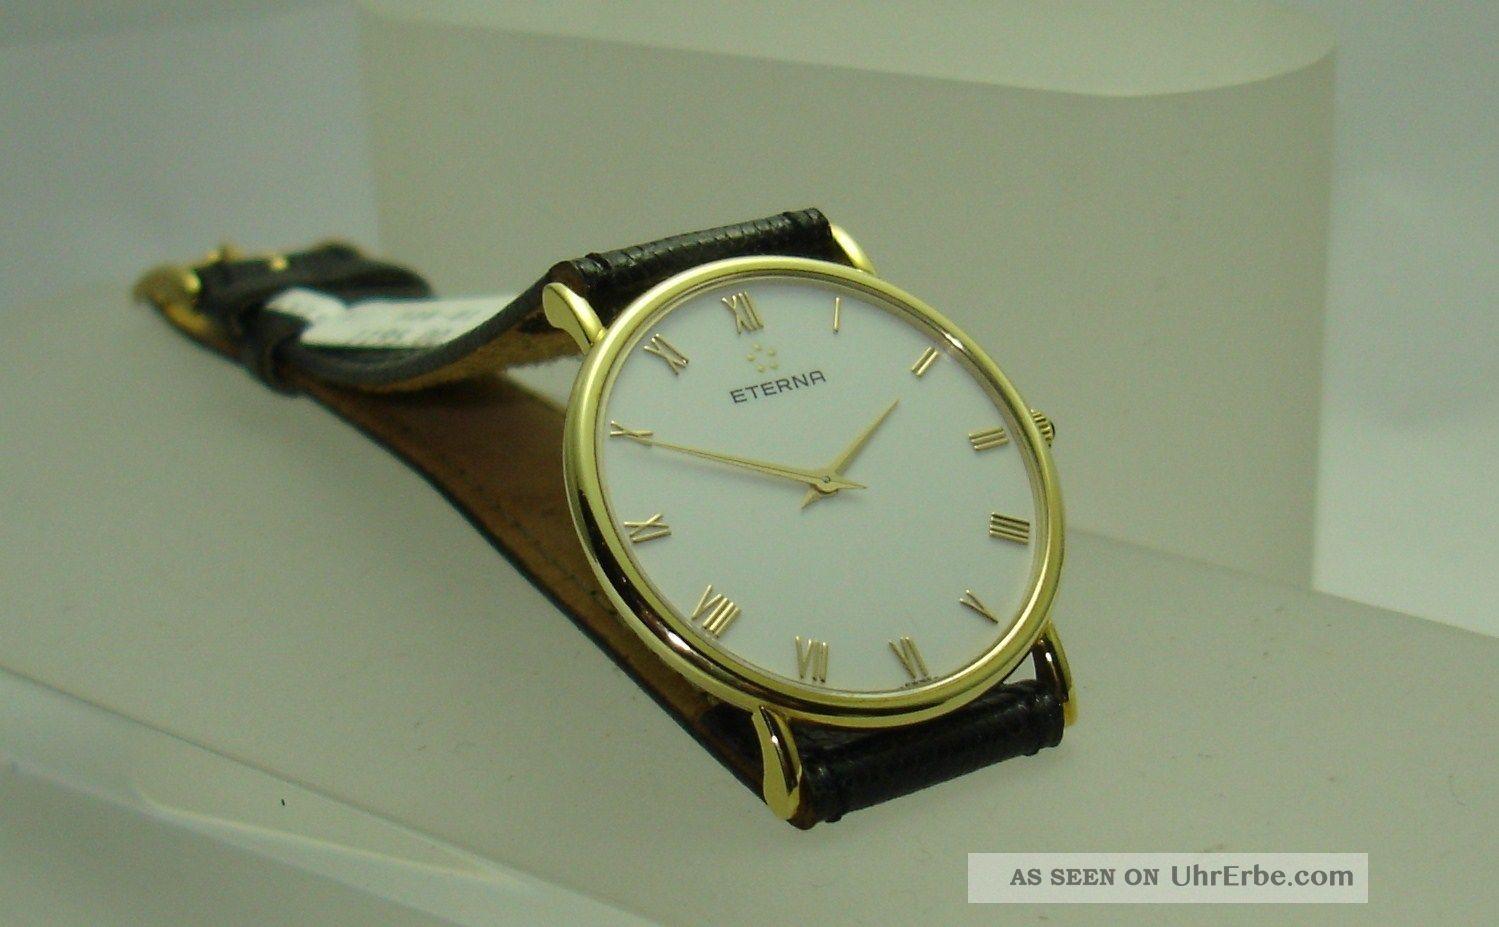 Herrenuhr Eterna 585/ - Gold Lederband Flach Elegant Handaufzug Mechanisch Armbanduhren Bild